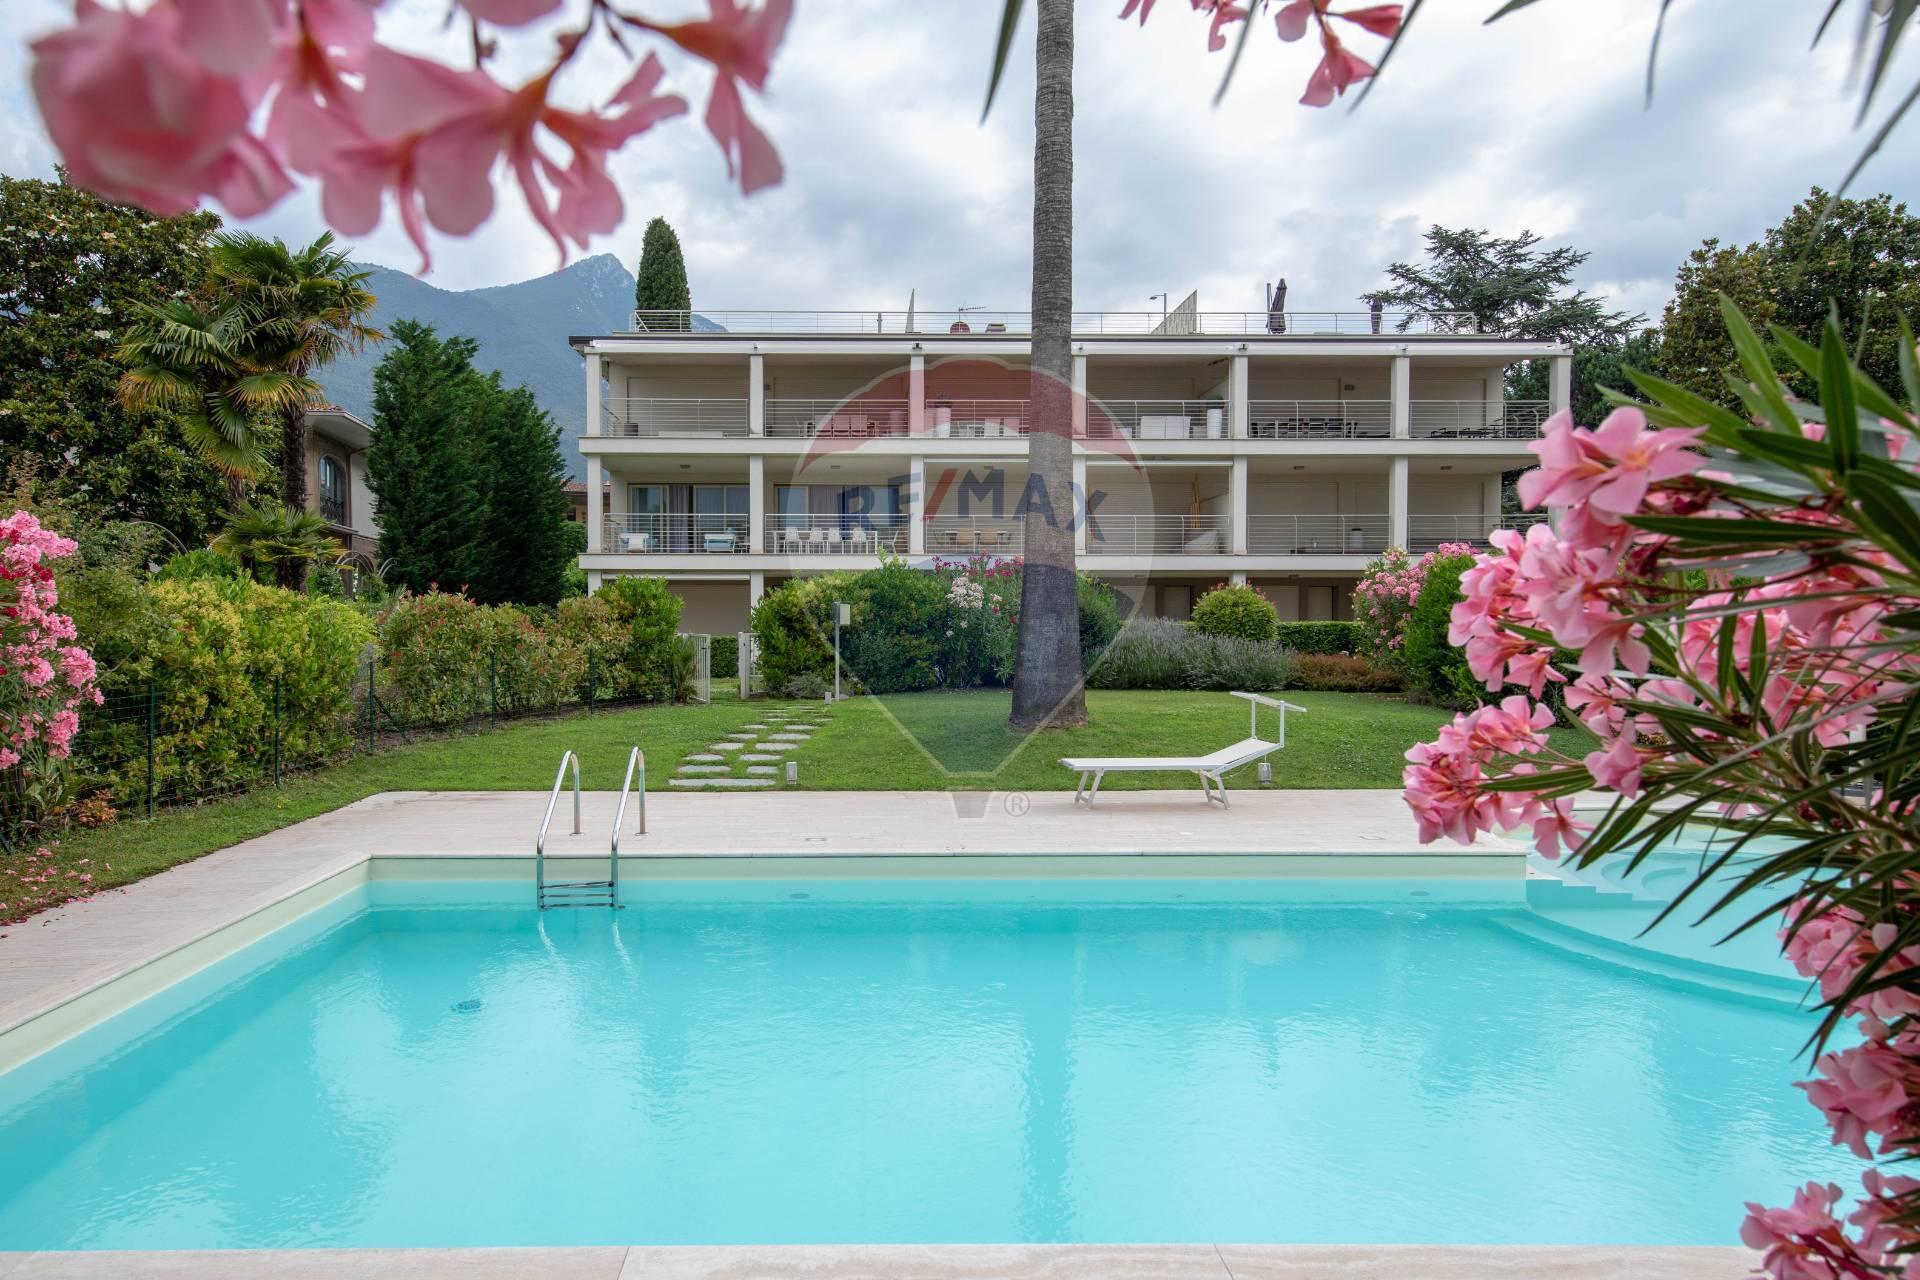 Appartamento in vendita a Toscolano-Maderno, 3 locali, zona Zona: Maderno, prezzo € 650.000 | CambioCasa.it